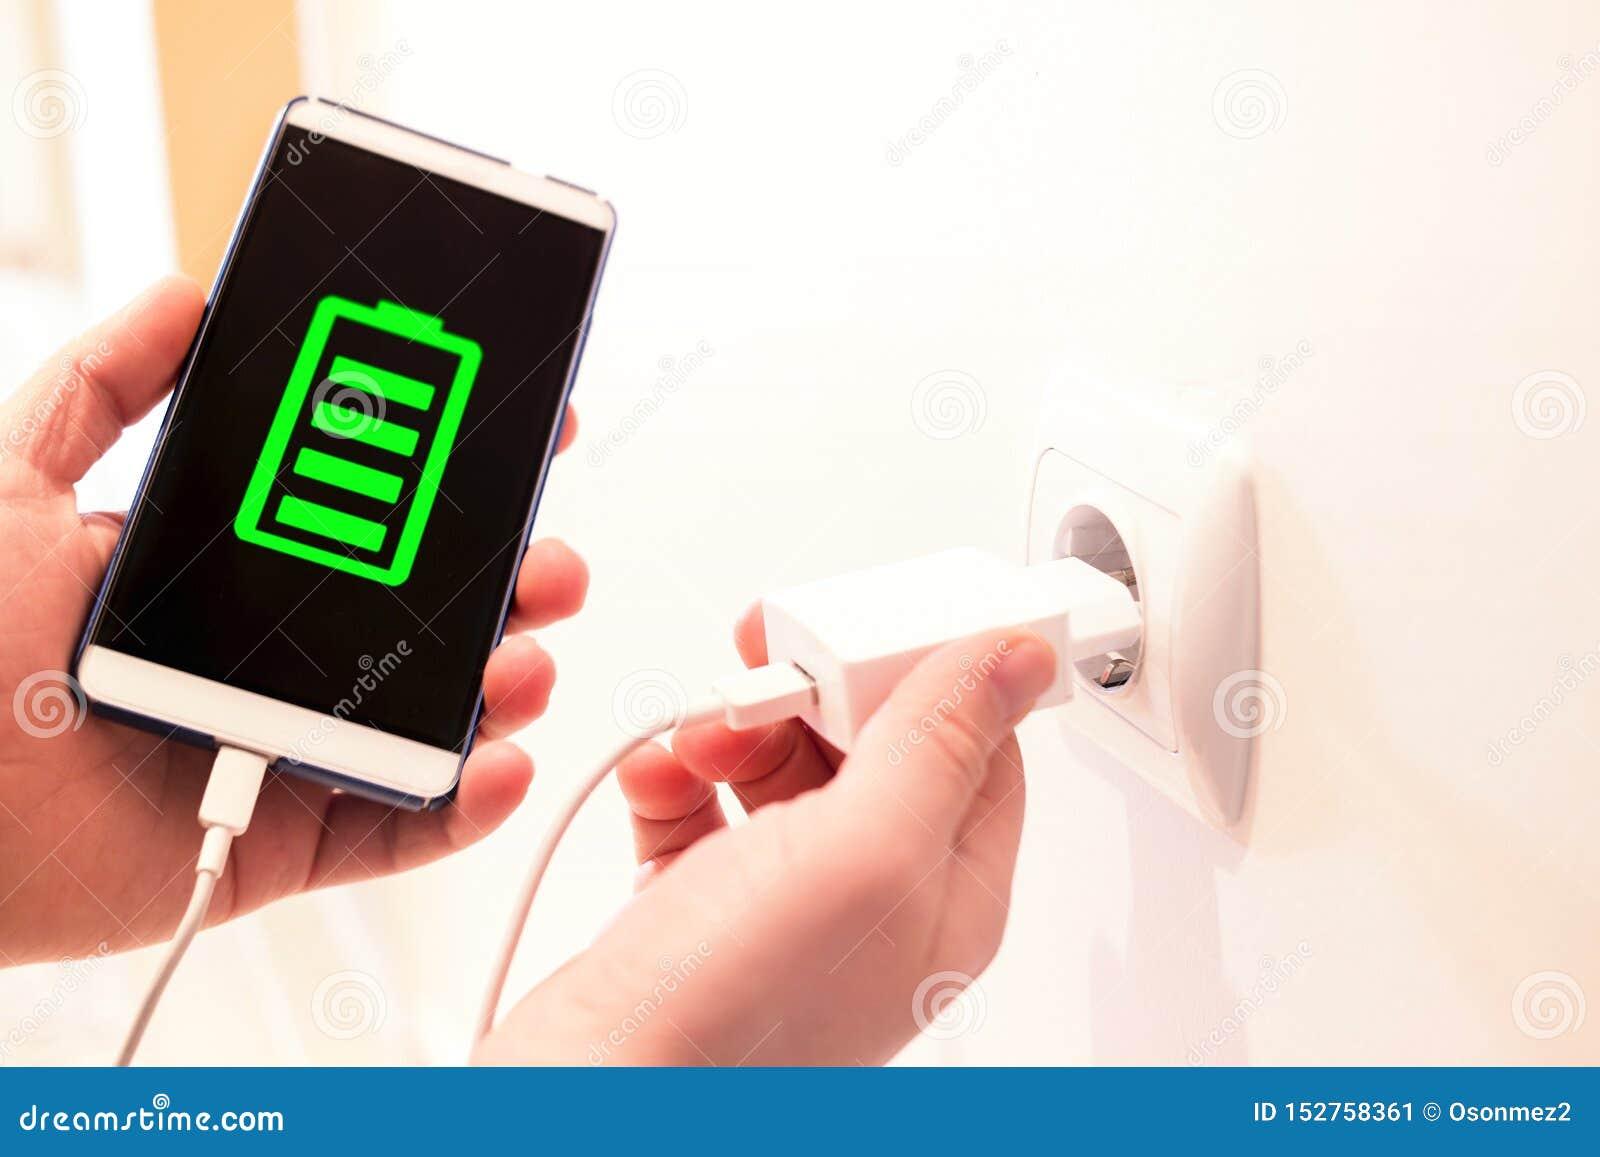 Volle Batterie aufgeladen durch ein Ladegerät Telefon, das von einem Wandausgang auflädt